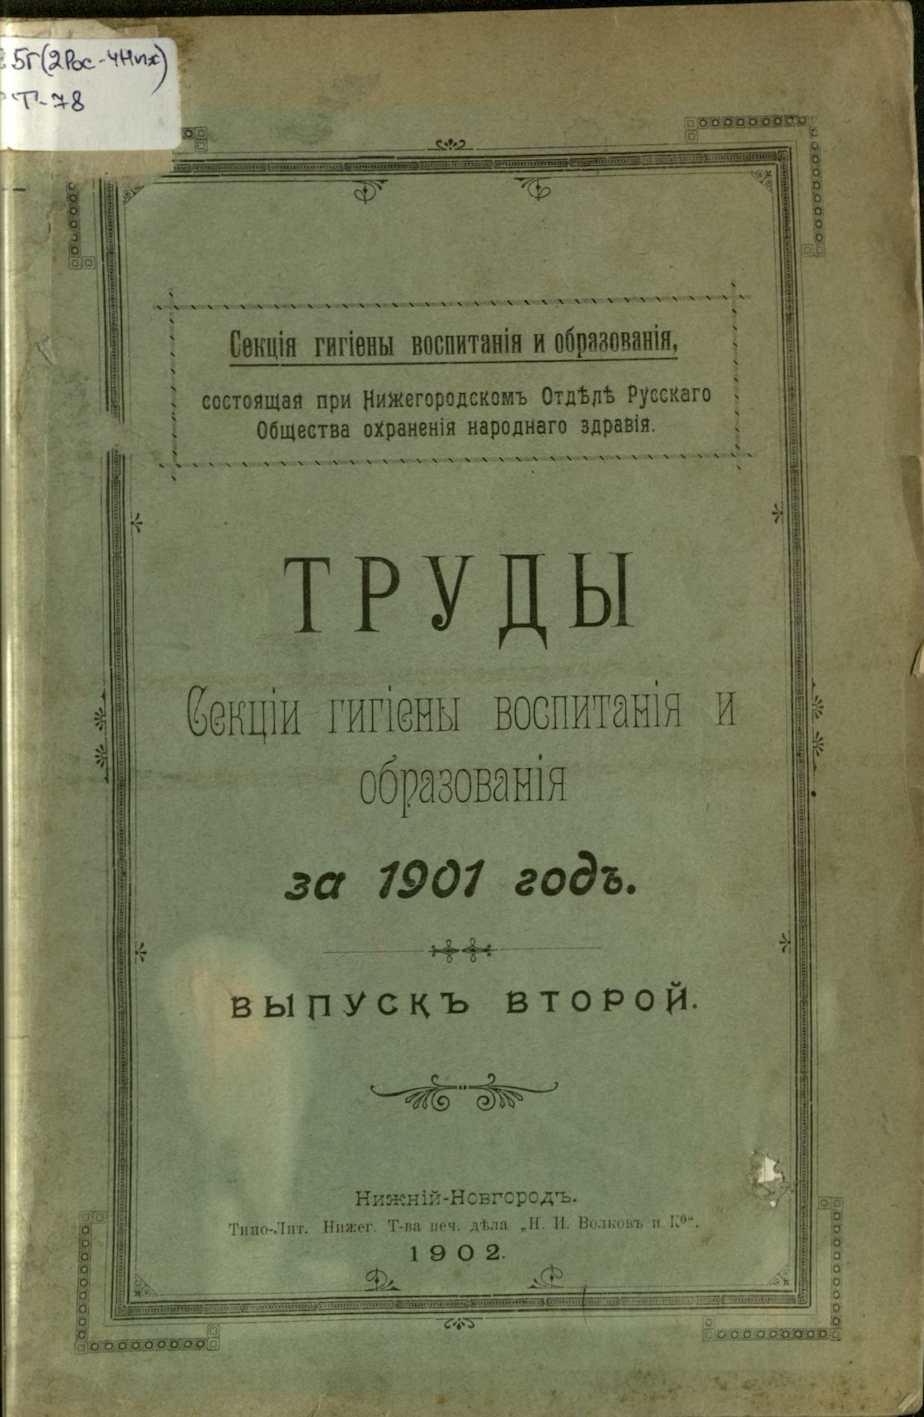 Труды Секции гигиены воспитания и образования за 1901 год